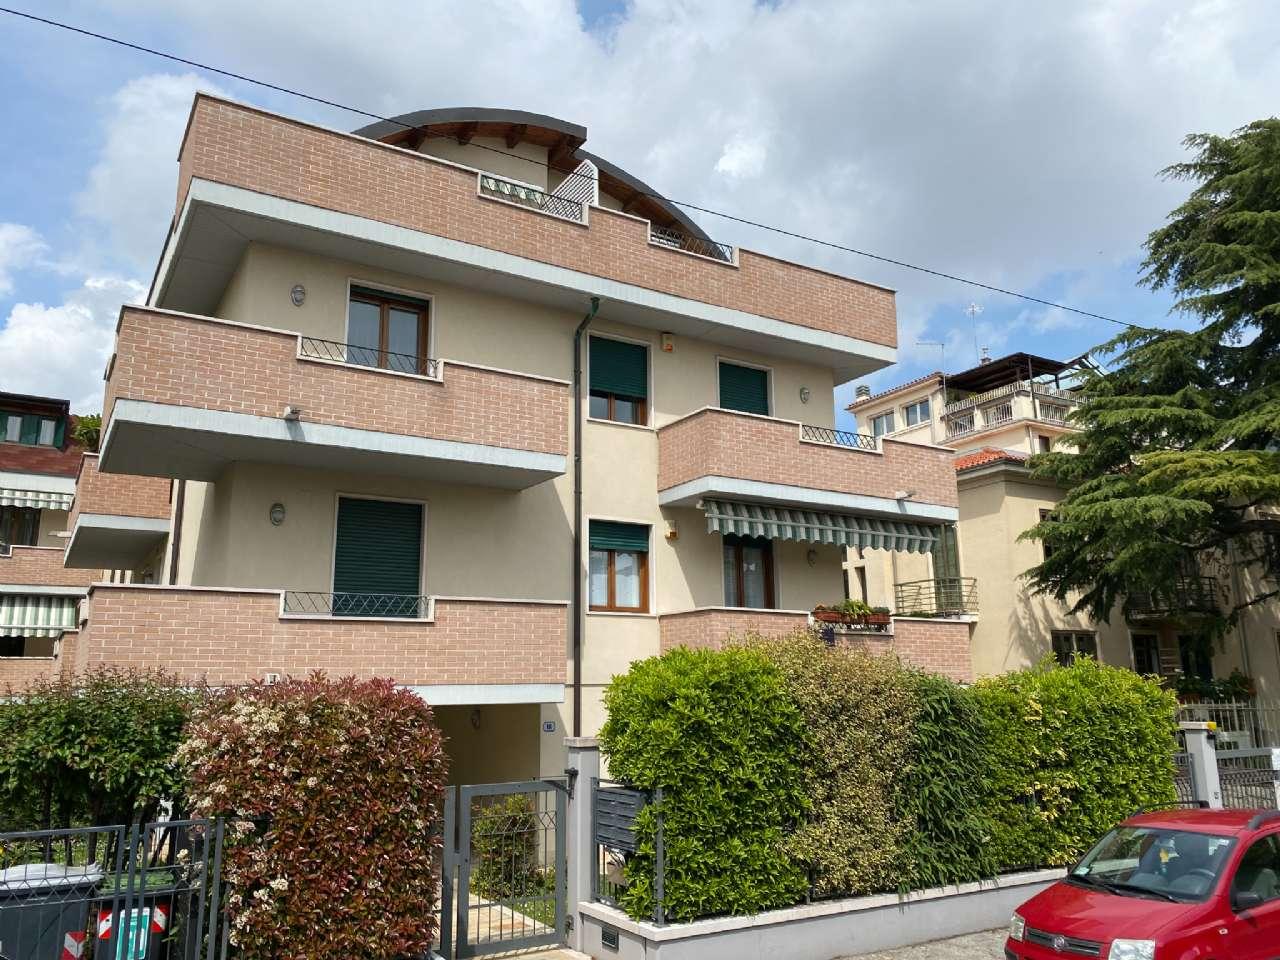 Attico, Via Monte Pasubio, Quartiere San Giuseppe, Padova, foto 16